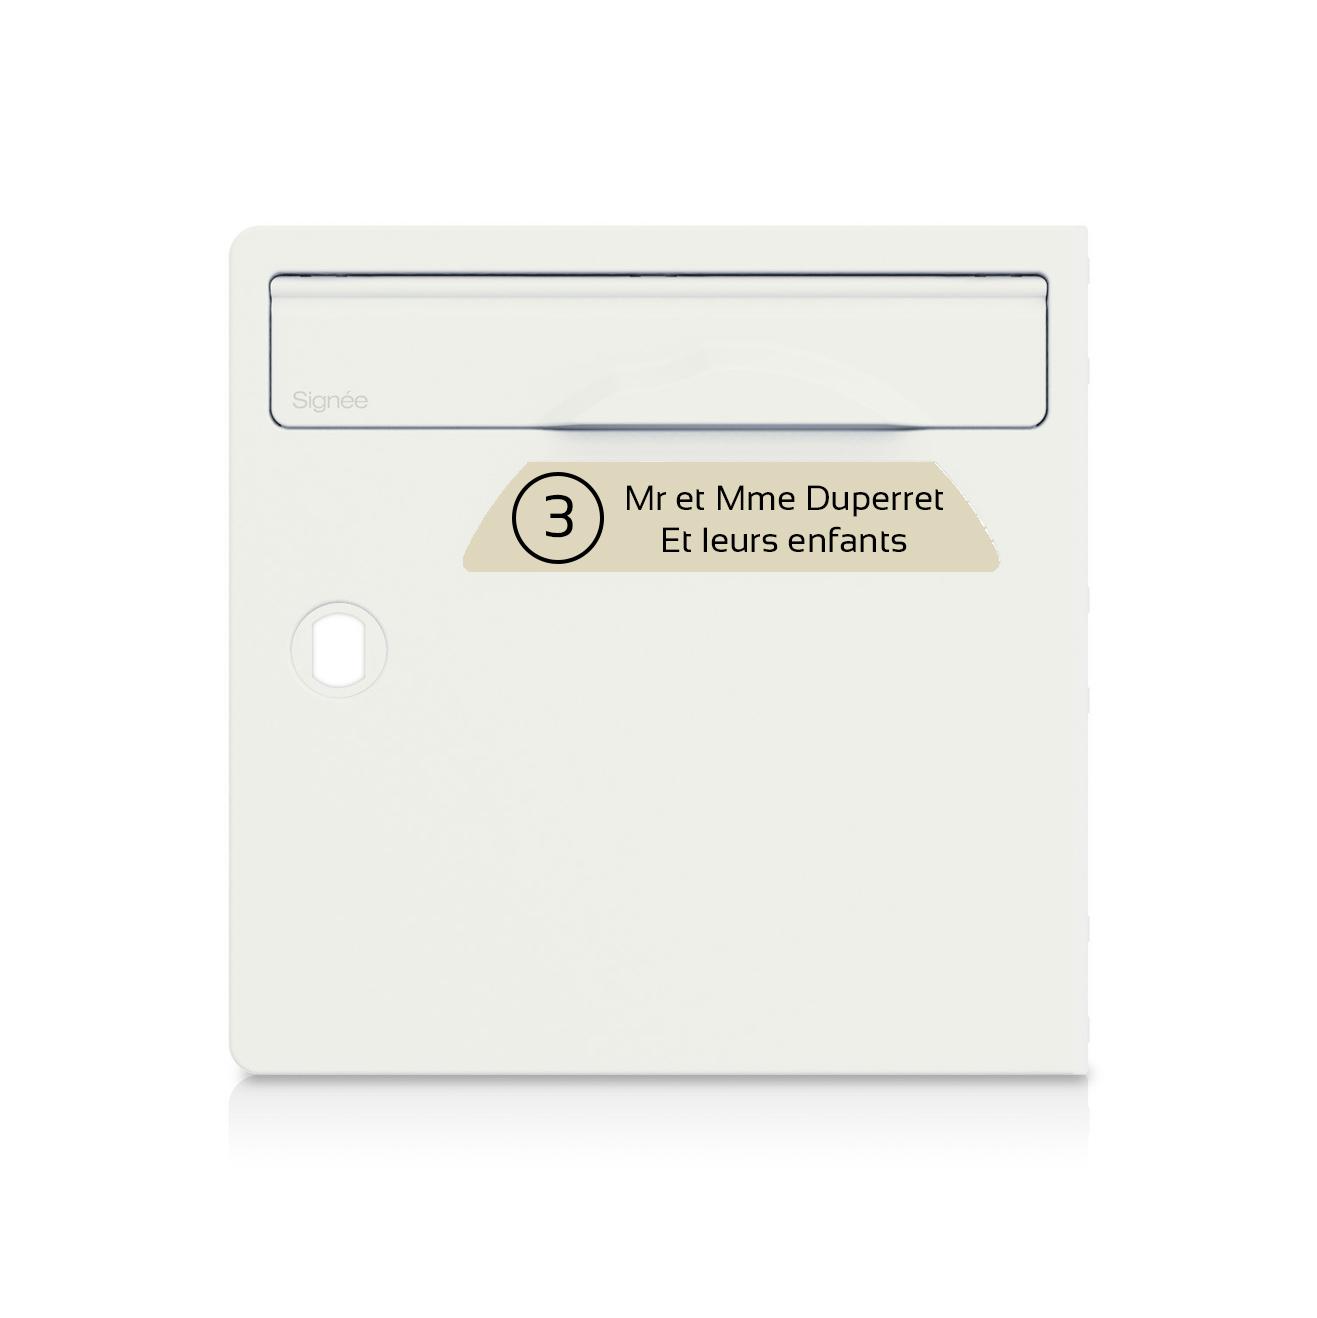 plaque boite aux lettres Signée NUMERO beige lettres noires - 2 lignes